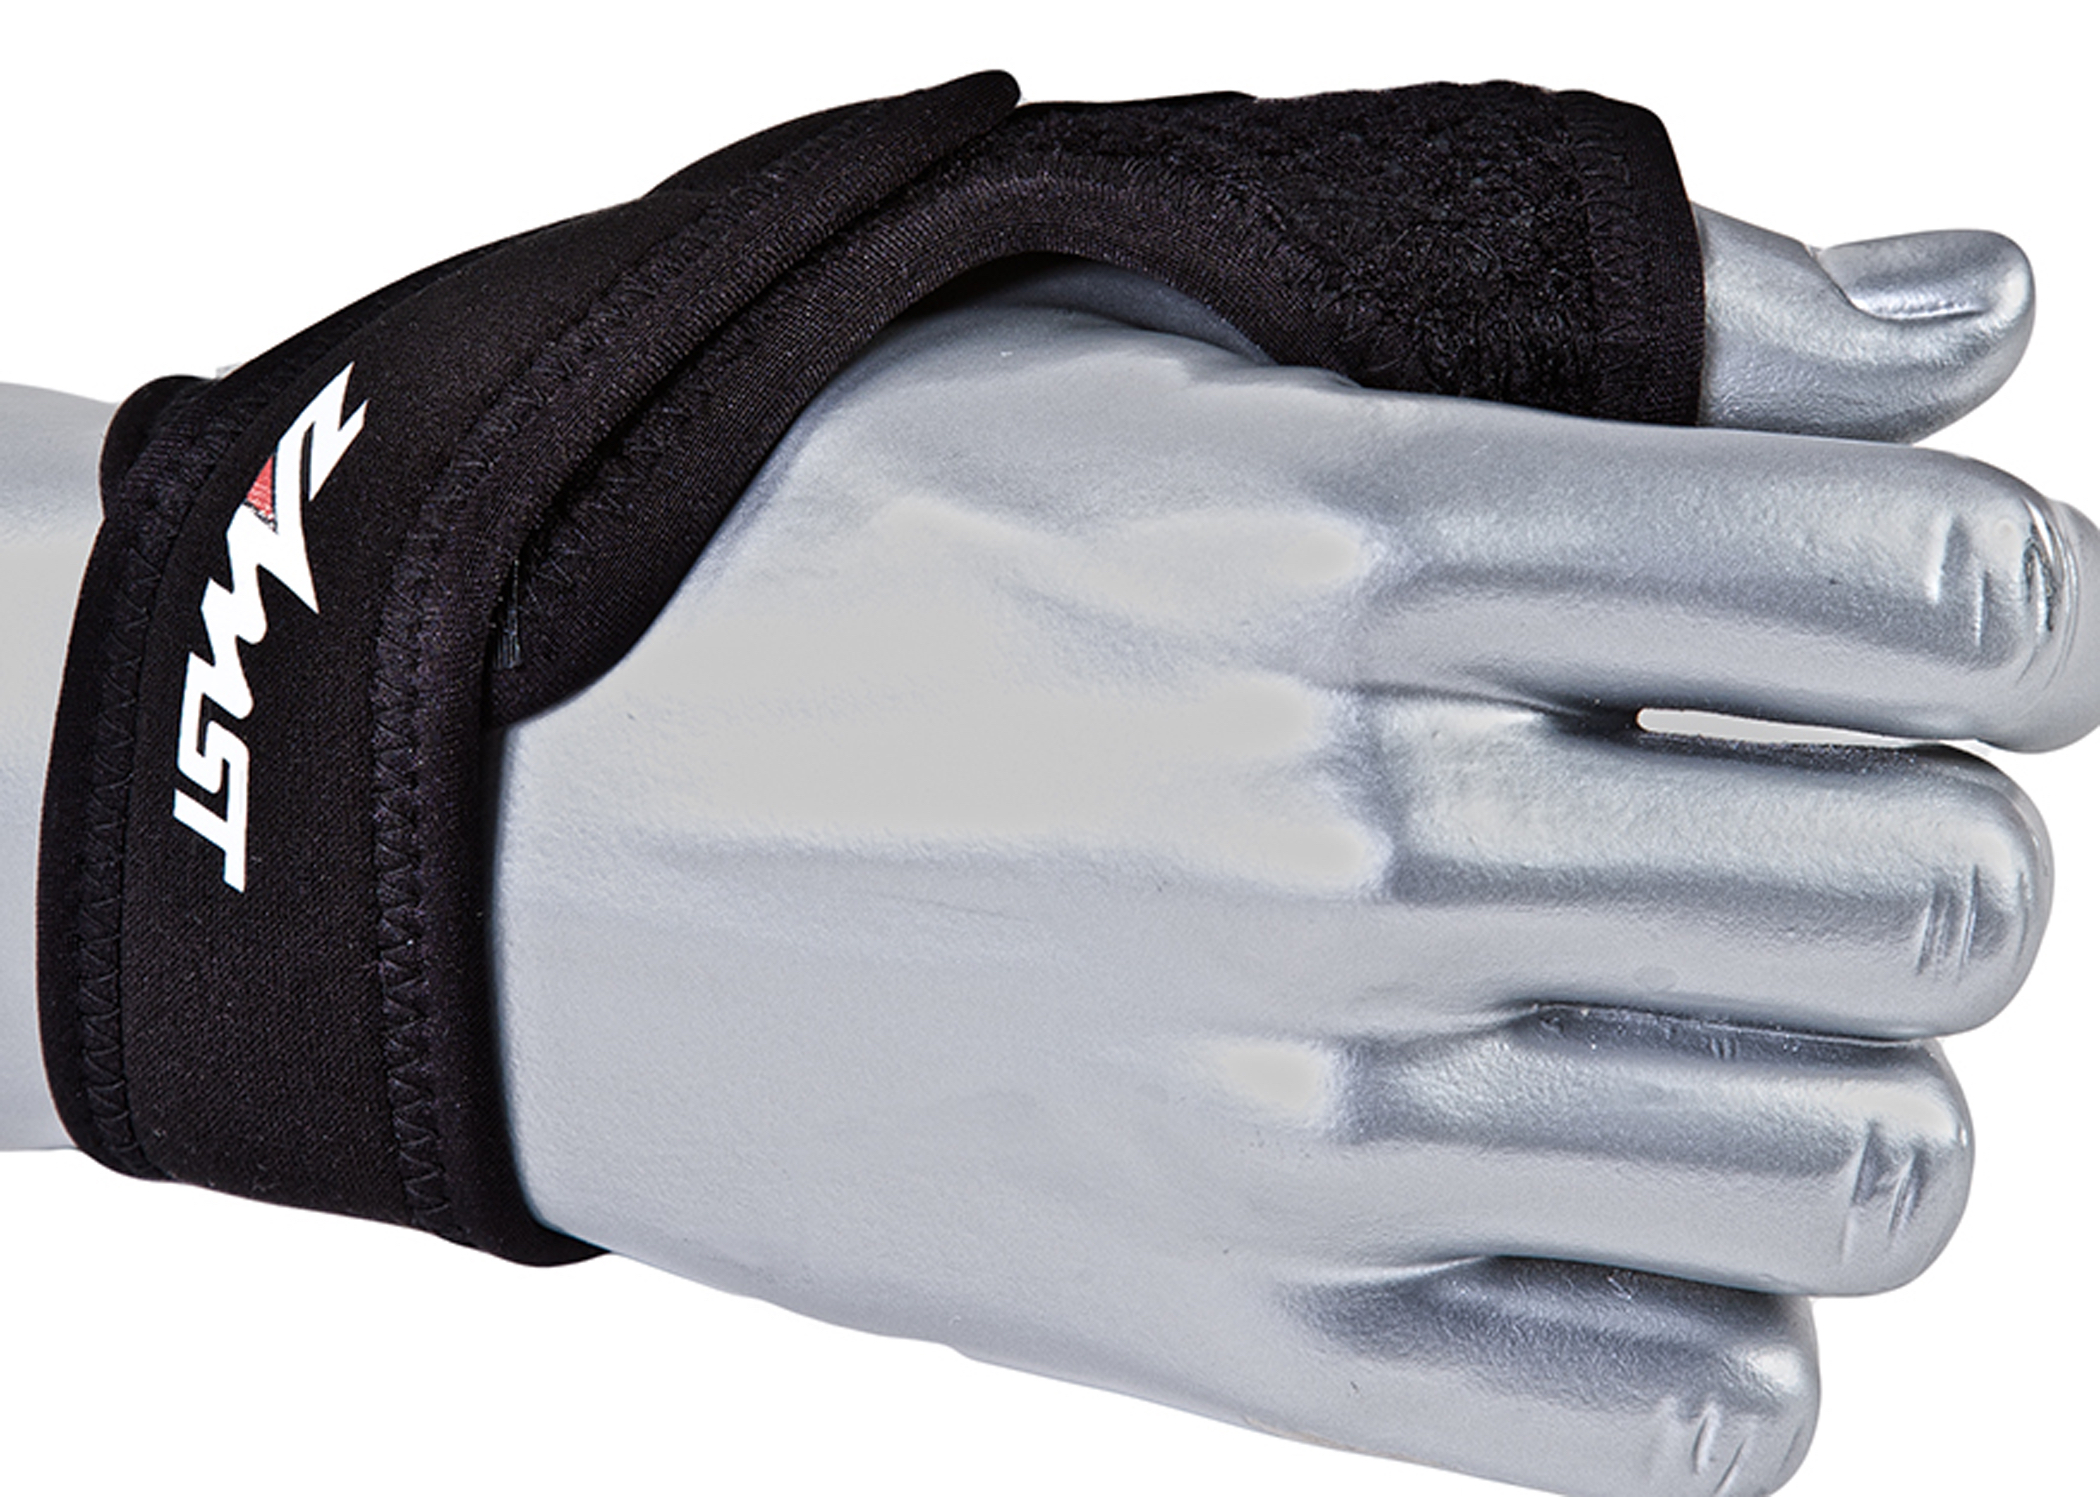 Zamst Thumb Guard - Protège-pouce prévention des entorses